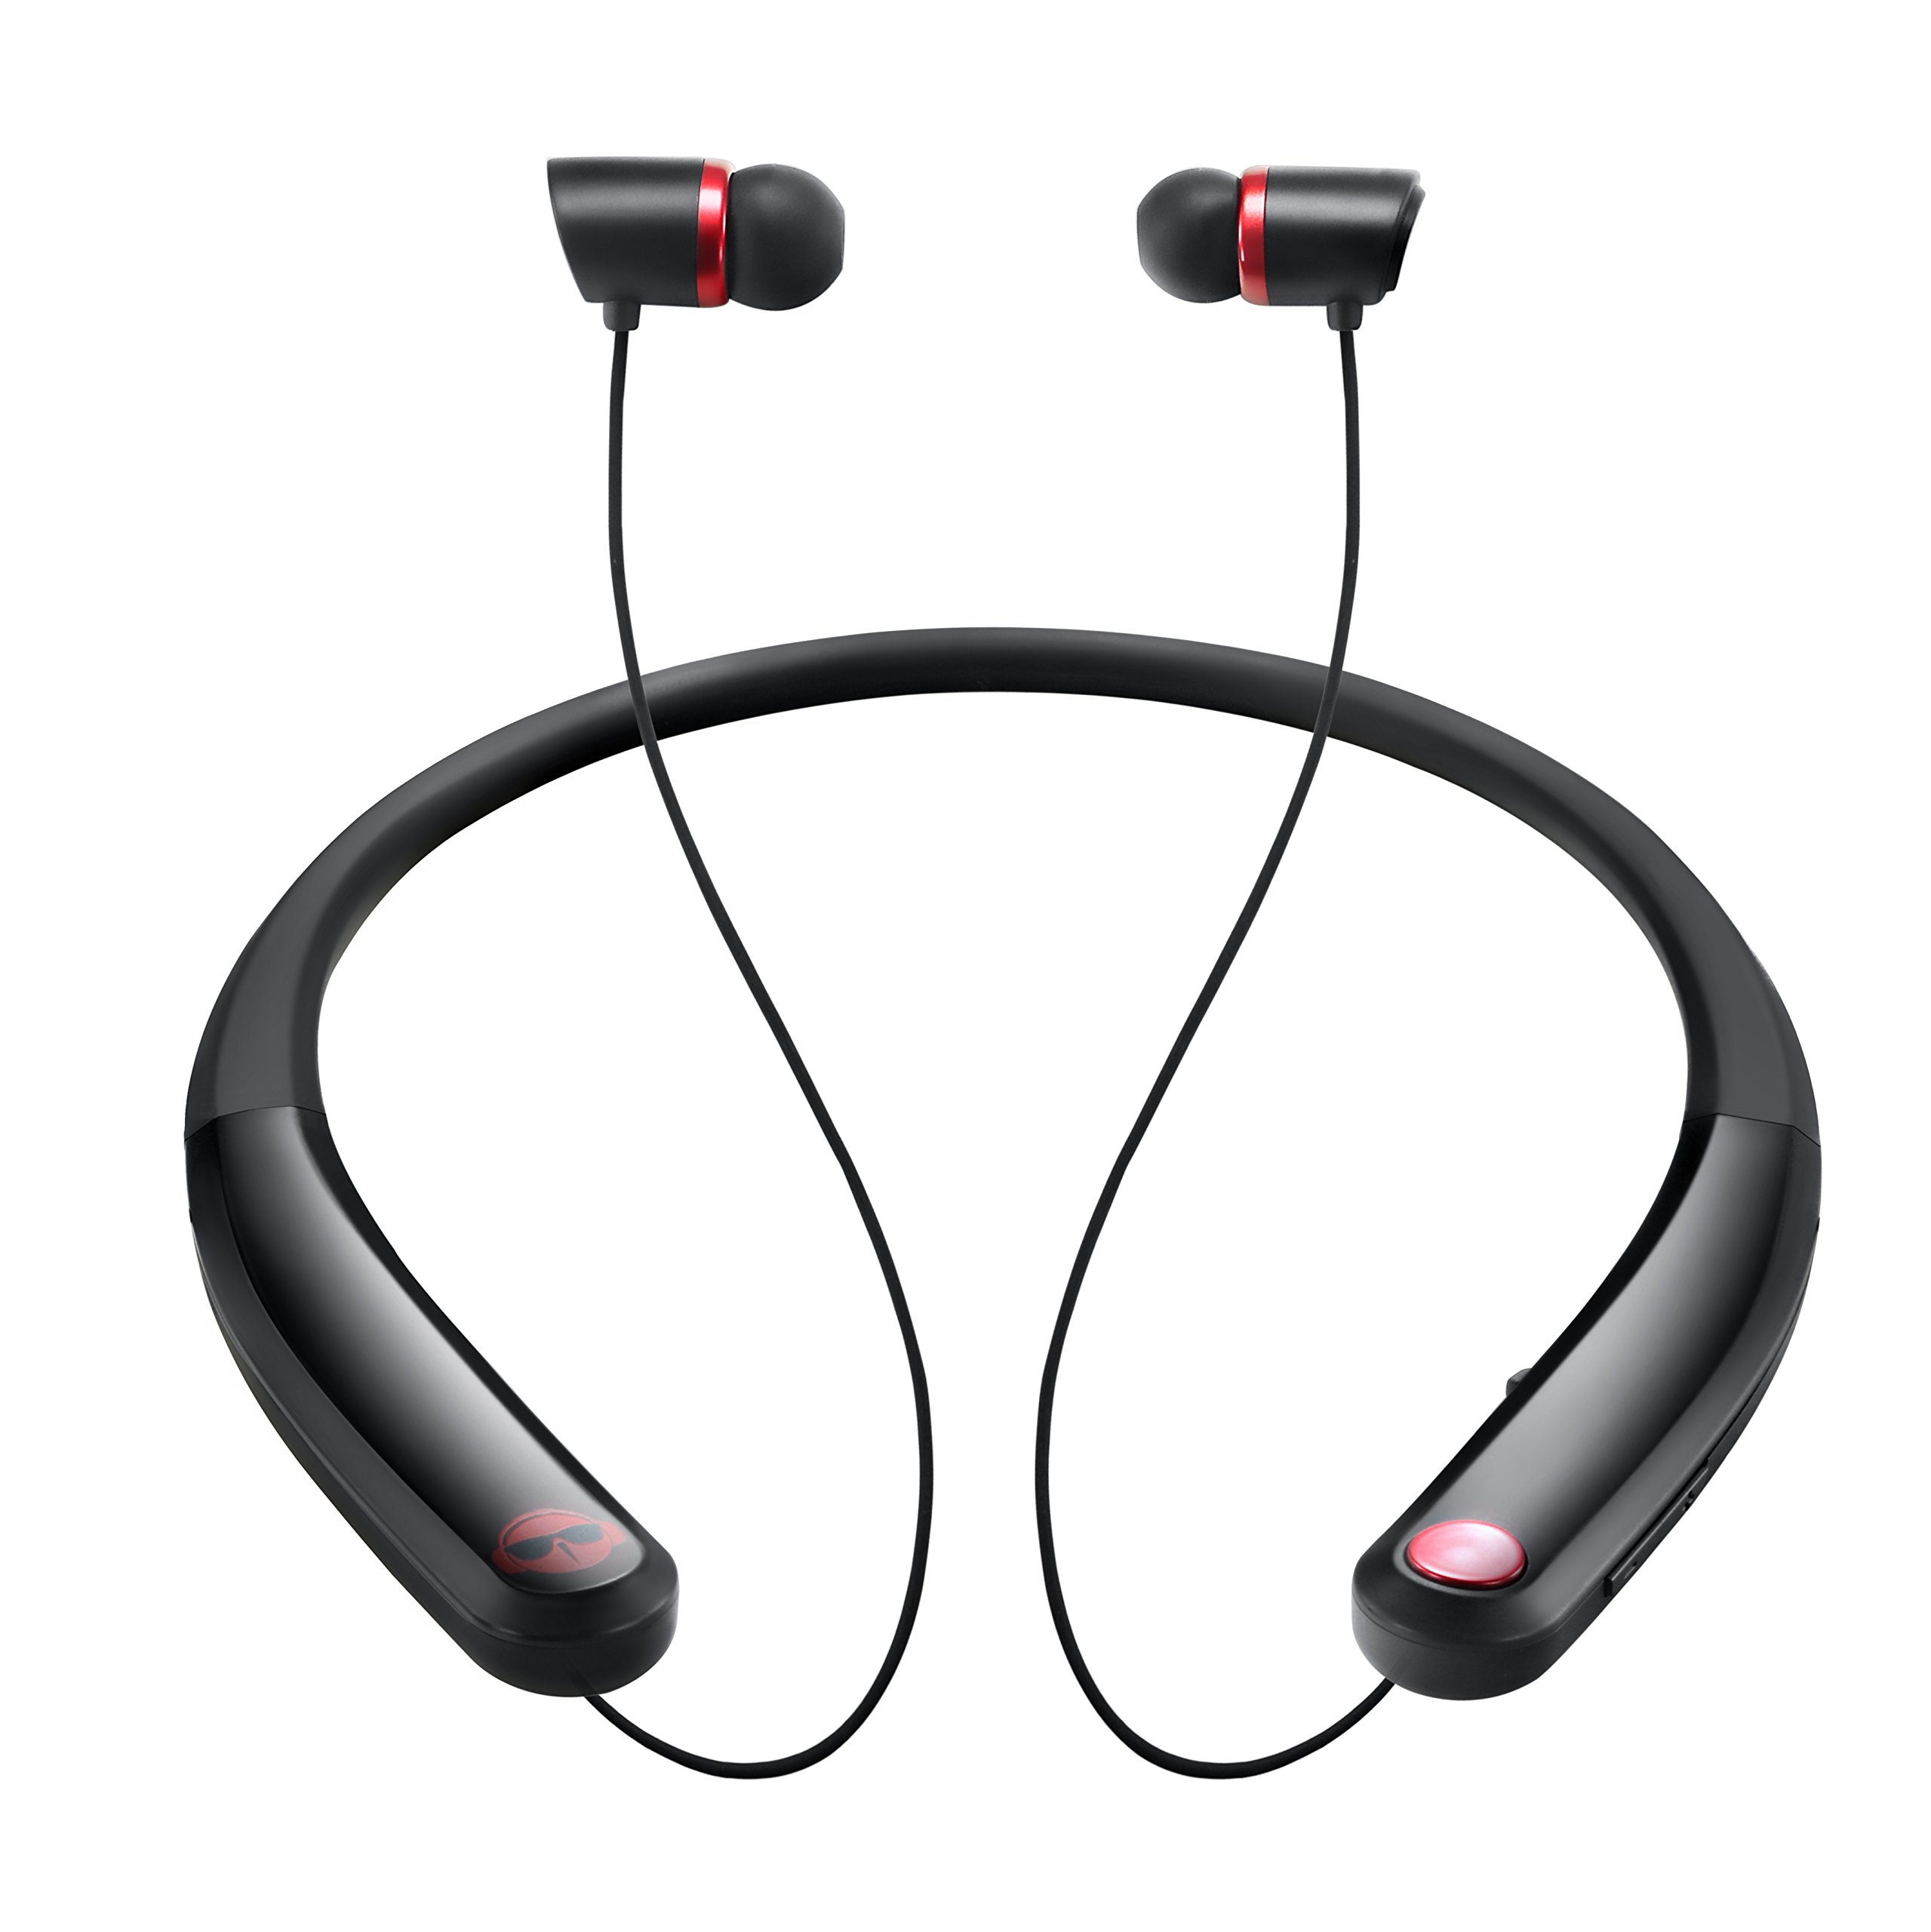 RockFox 2018 popular Headphones, Car Speakerphones,Sports Running Neckband Headphones with HD&Mic Noise Canceling Wireless Earpiece,Comfort for Cellphone,Computer,iPad.(Black)